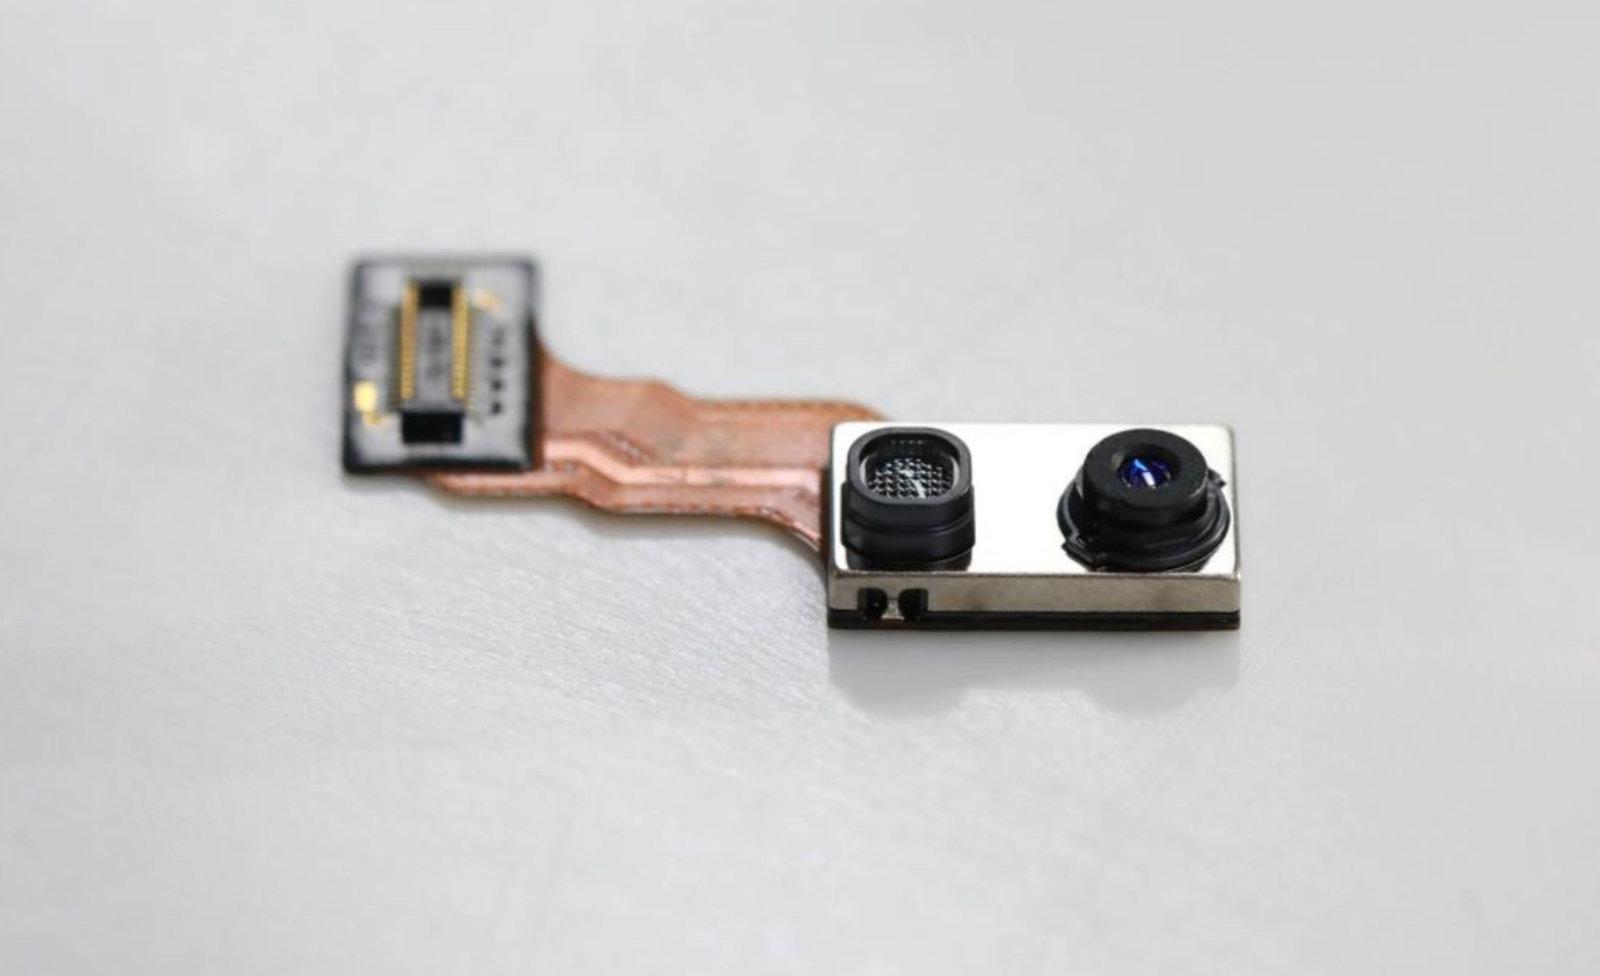 فناوری ژست حرکتی بدون لمس ال جی جی ۸ توسط این شرکت شرح داده شد